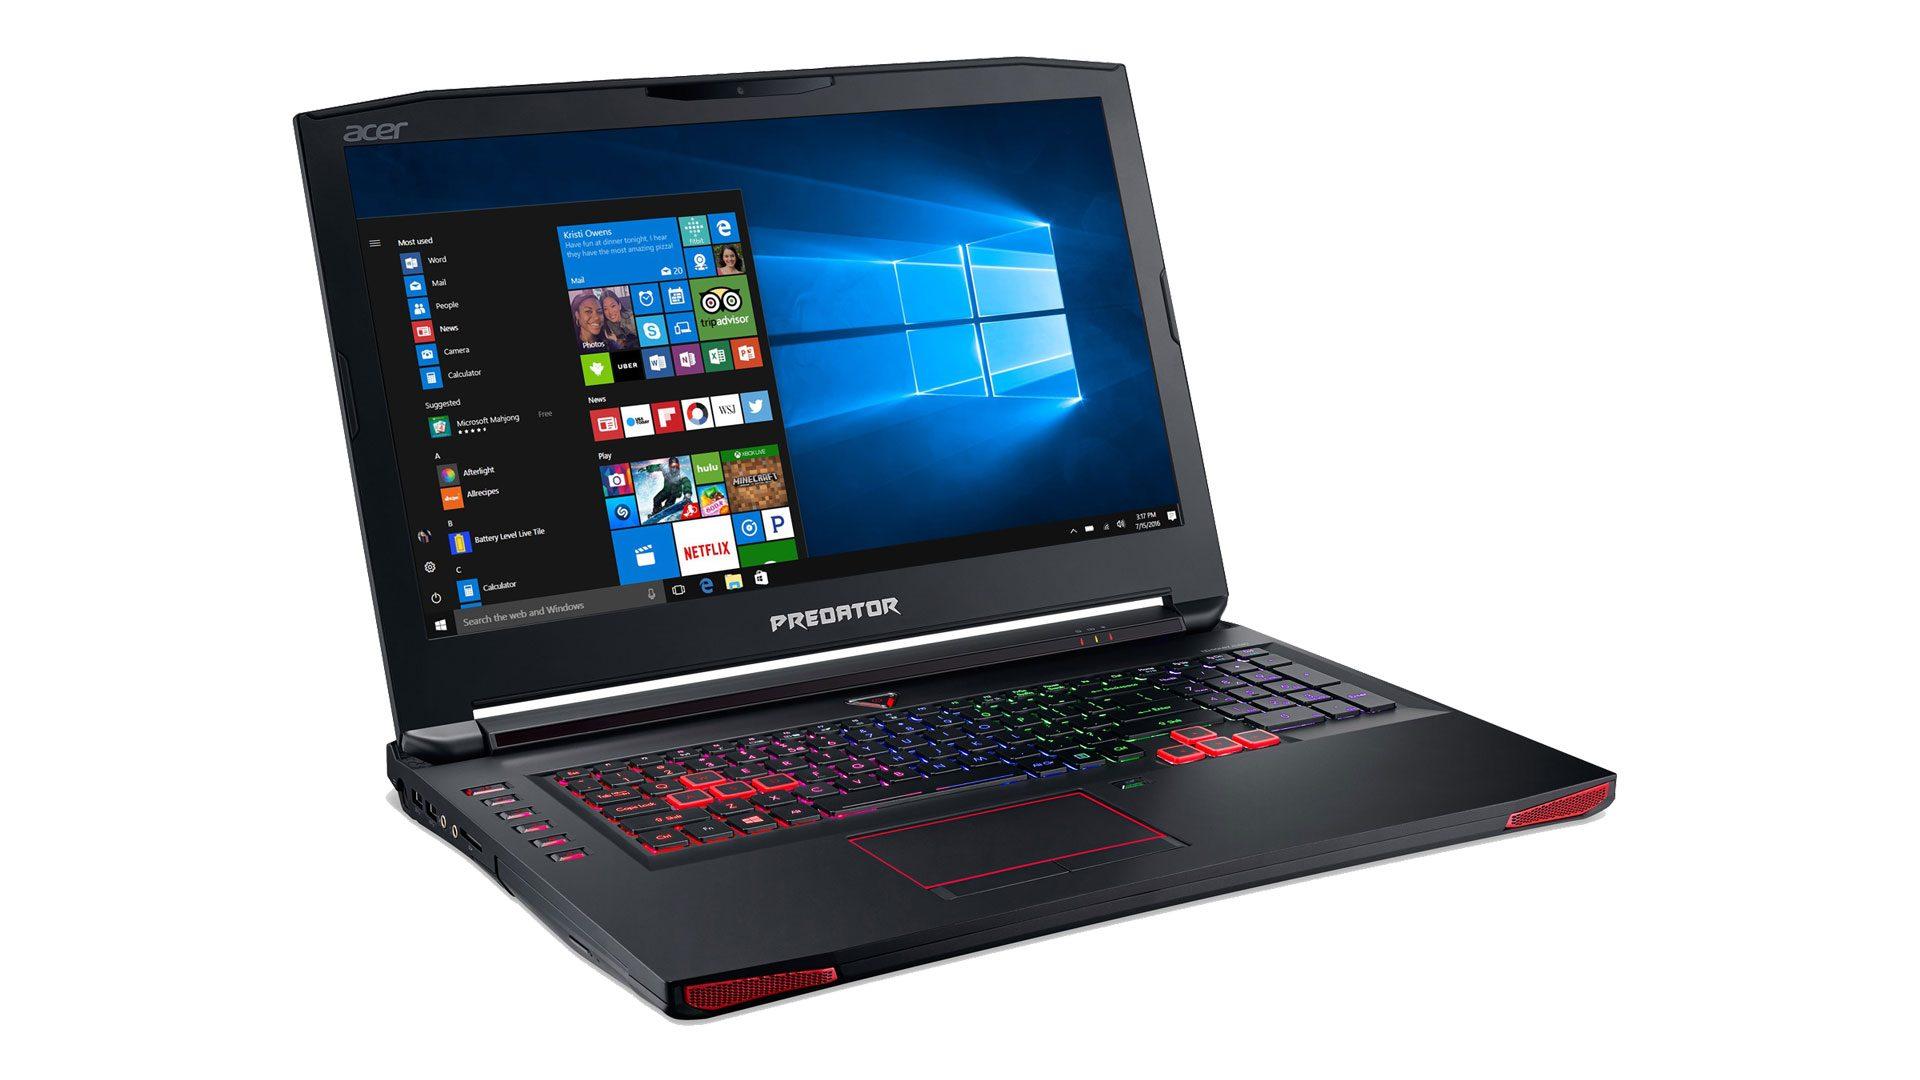 Acer-Predator-17-G9-793-718K_Ansicht-2